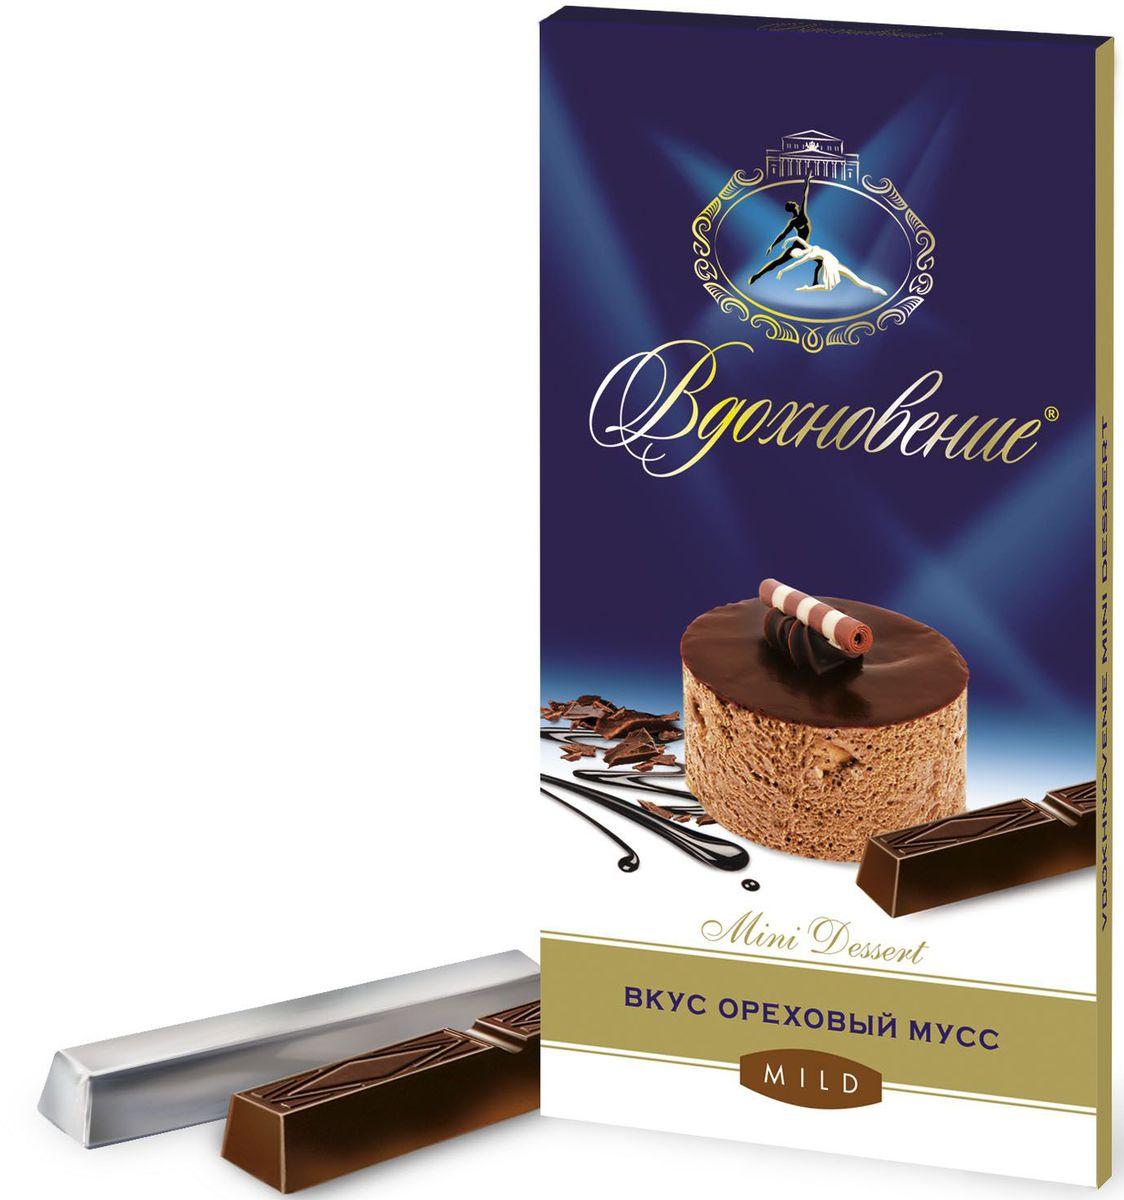 Бабаевский Вдохновение Mini Dessert вкус Ореховый мусс темный шоколад, 100 г kitkat mini темный шоколад с хрустящей вафлей 185 г